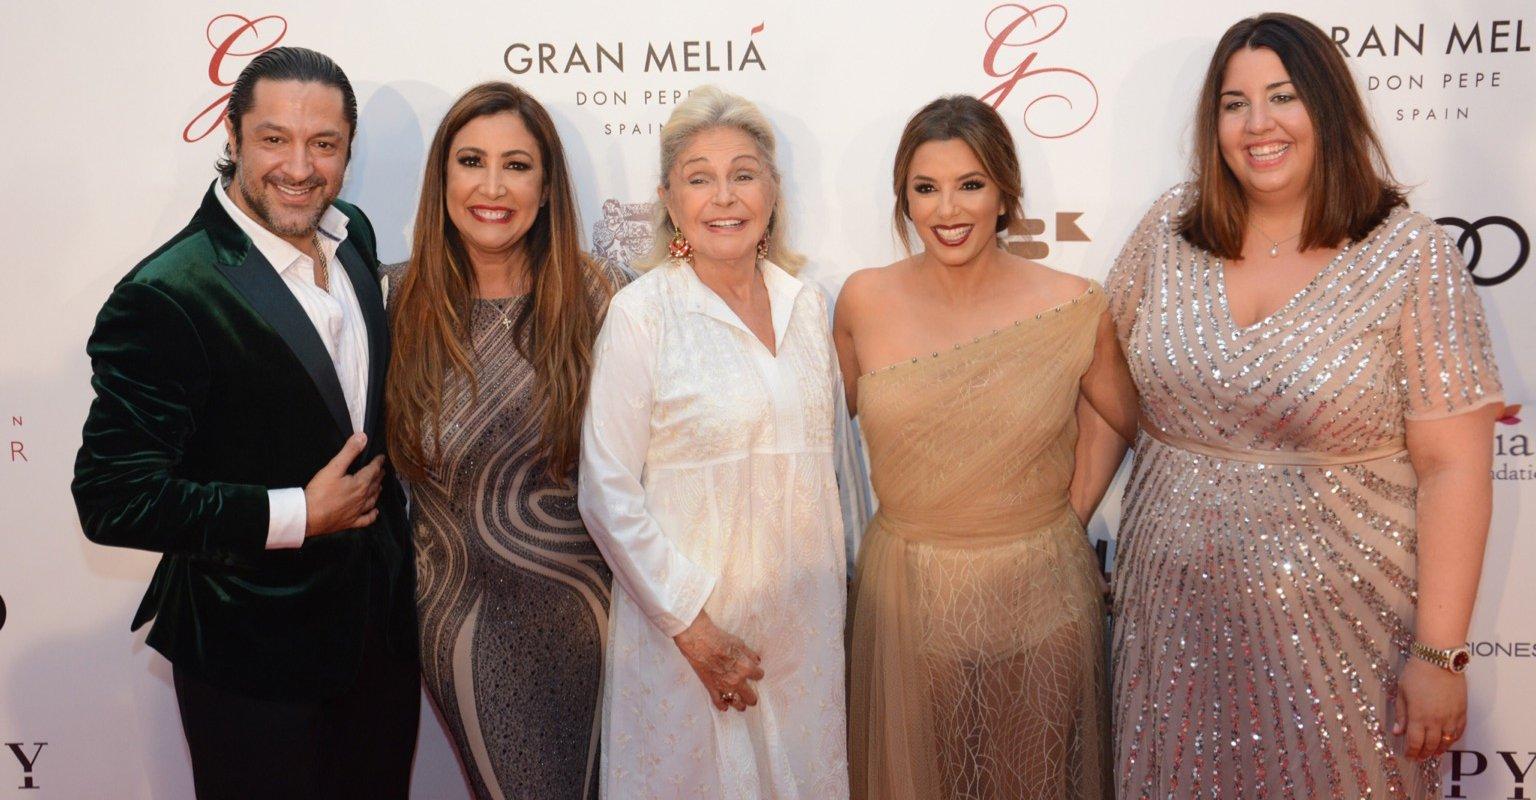 The Global Gift Gala Marbella se consagra como el evento filantrópico más importante de la Costa del Sol